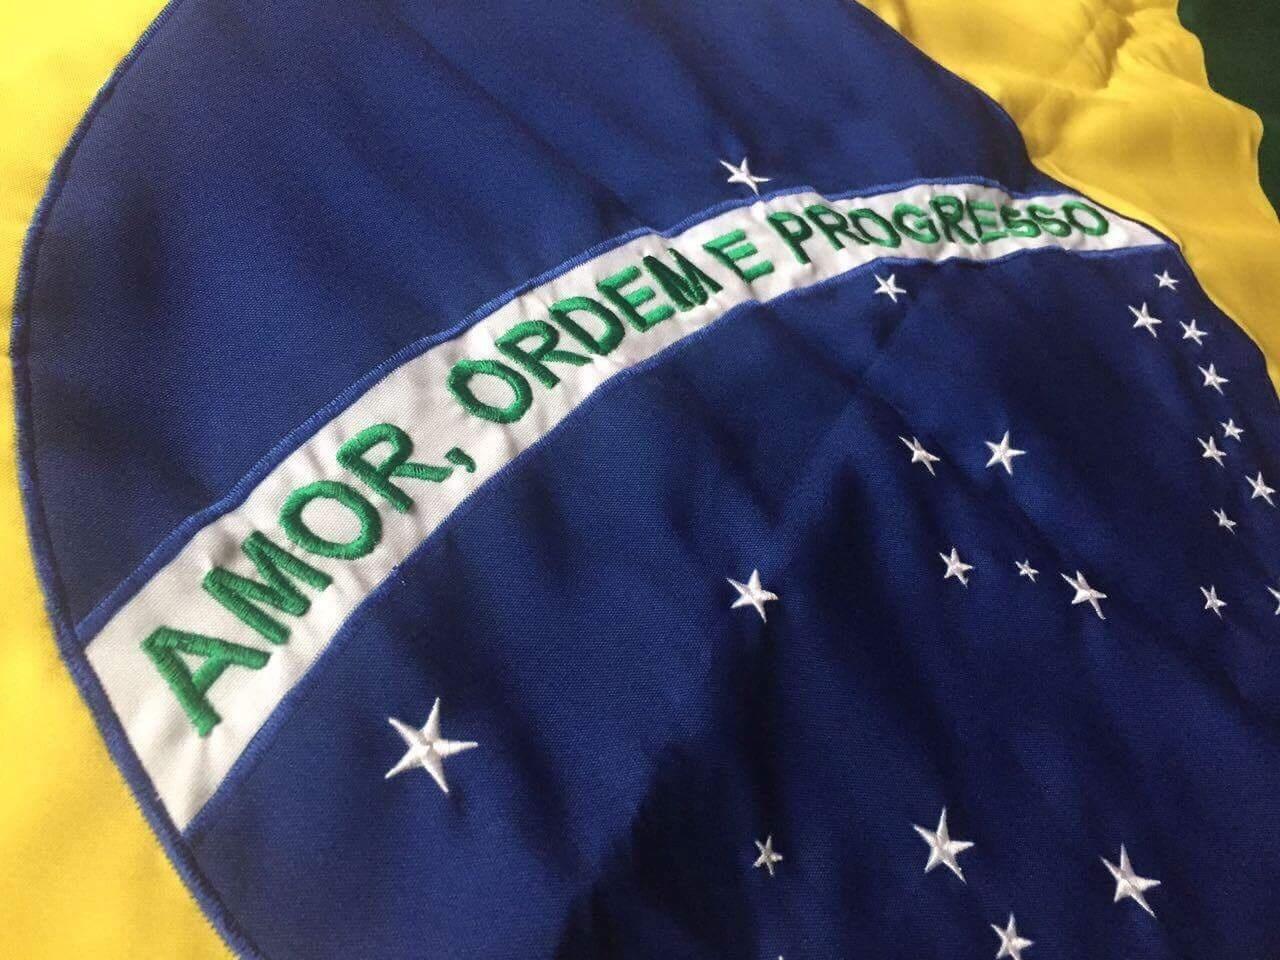 A Primeira Bandeira Do Brasil Republica hans donner propõe nova bandeira do brasil com tons degradê